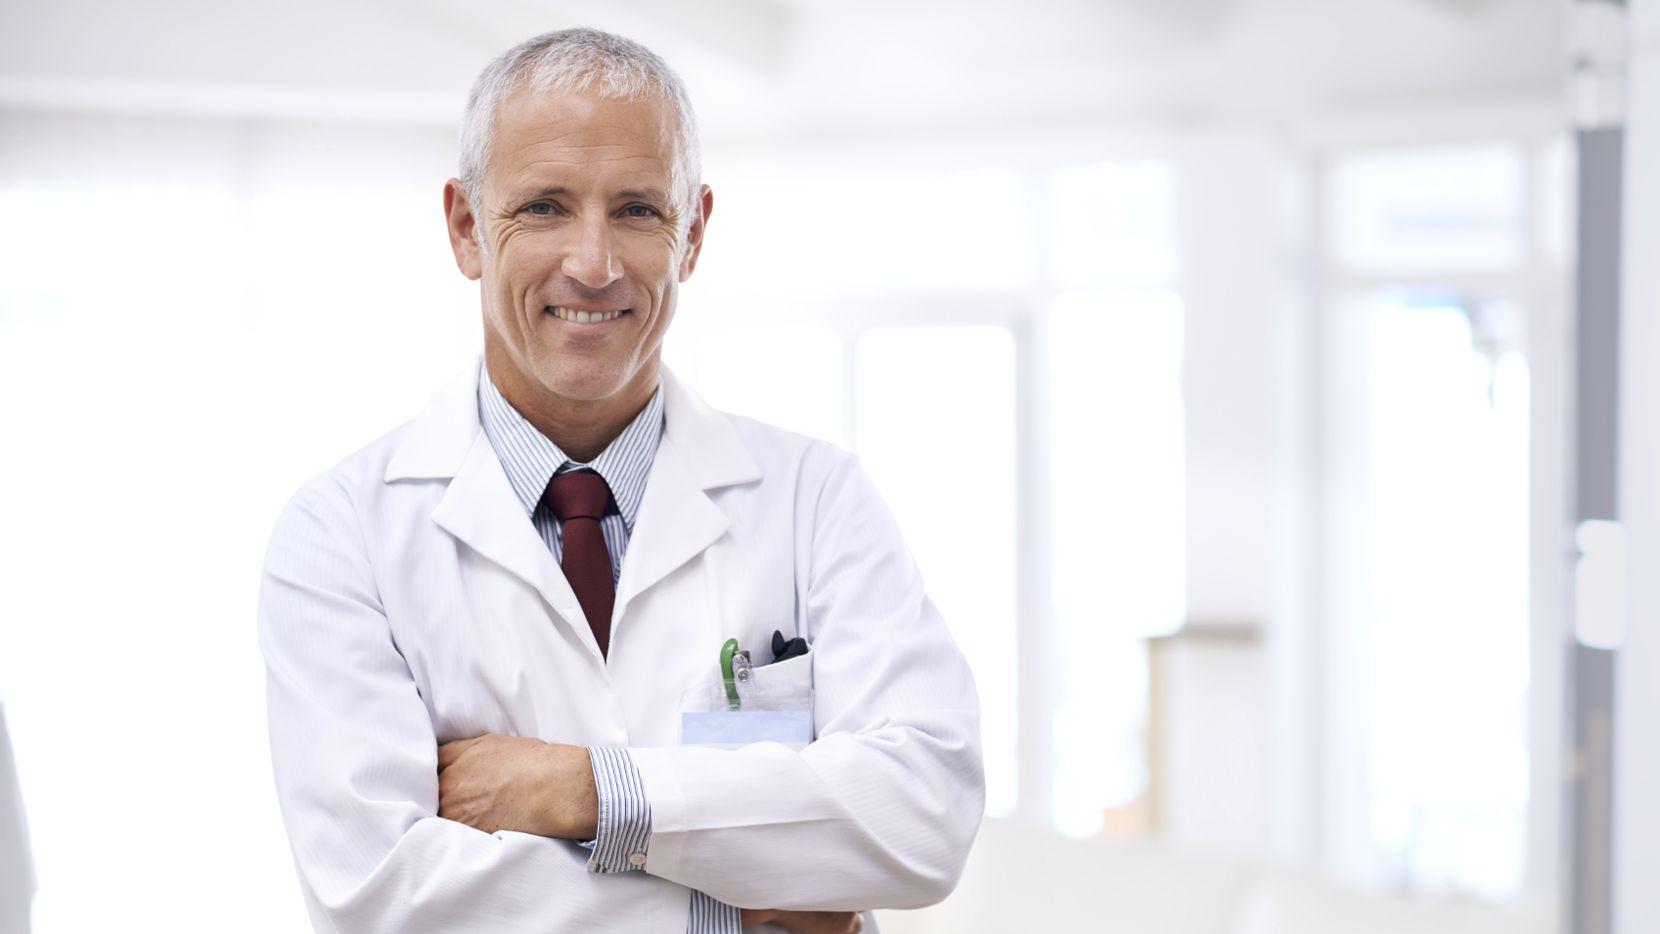 Con buenas preguntas tendrás un mejor diagnosis./iSTOCK